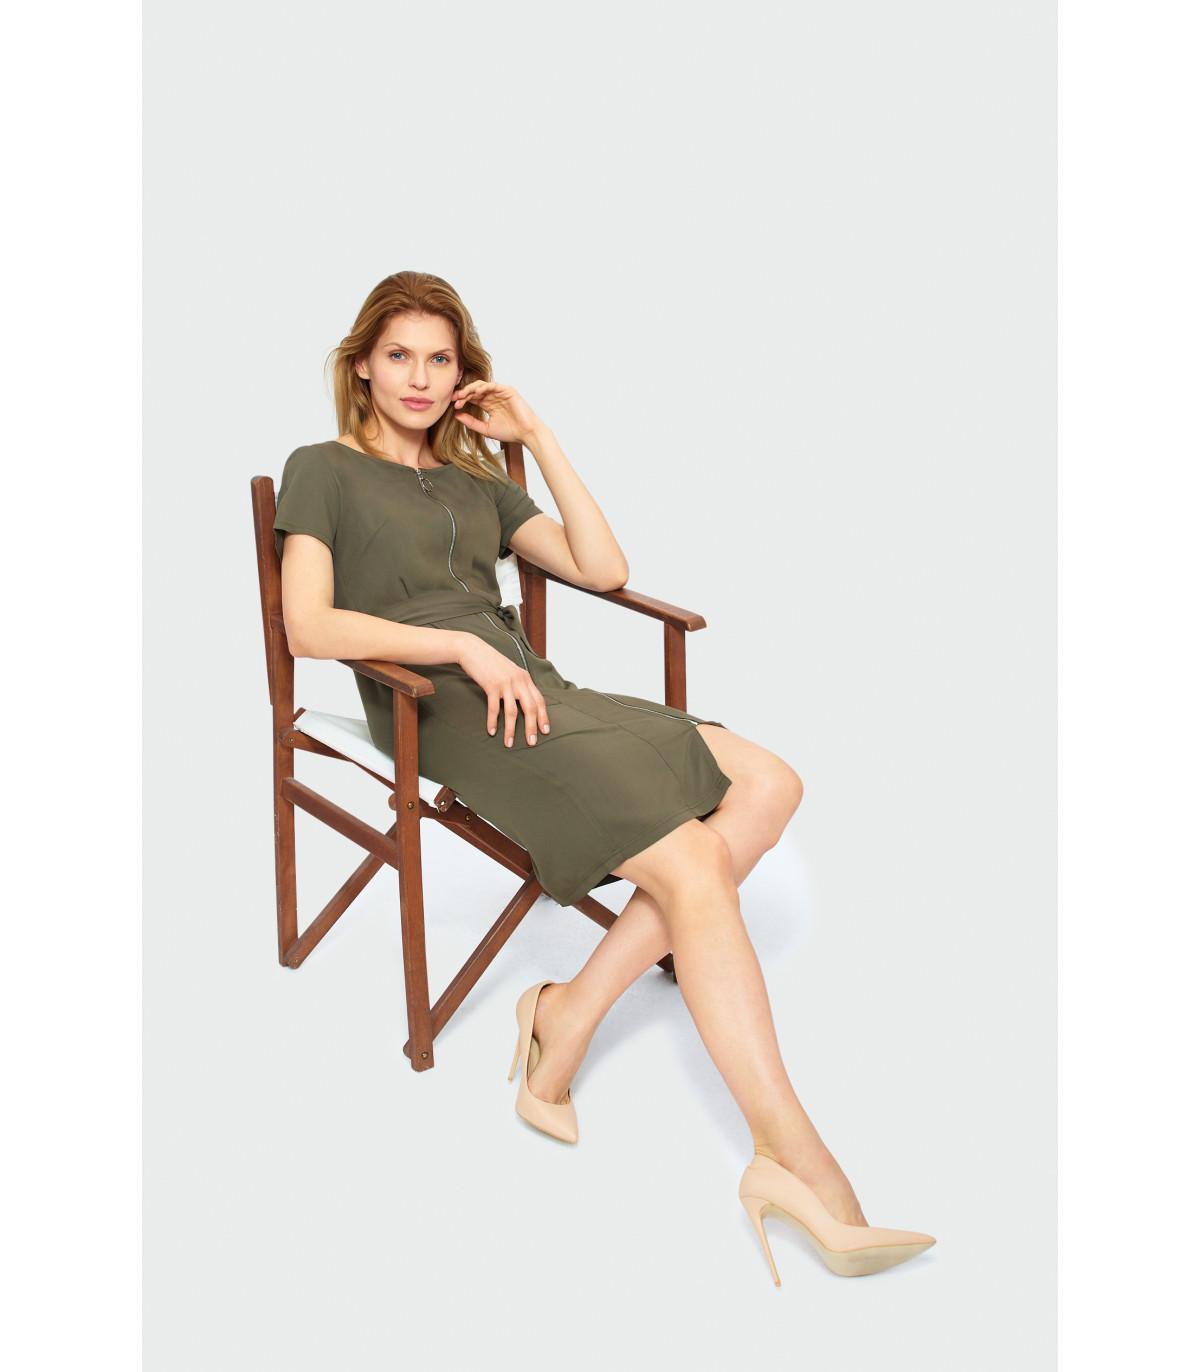 804c4f1c2e Dopasowana sukienka z zamkiem Rozmiar 38 Kolor S19OLIVE